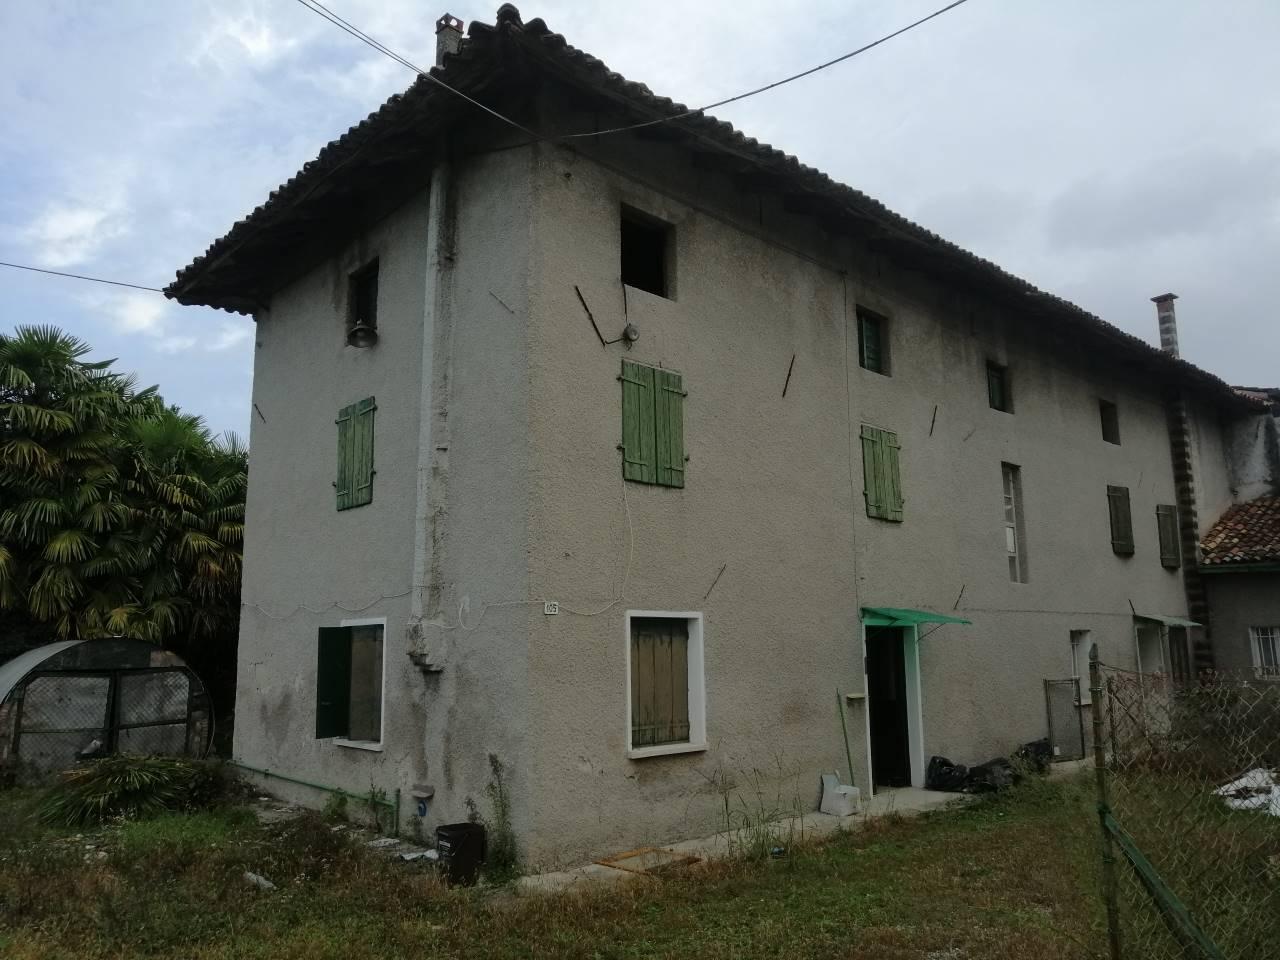 Rustico / Casale in vendita a Pozzuolo del Friuli, 10 locali, zona Zona: Terenzano, prezzo € 50.000 | CambioCasa.it